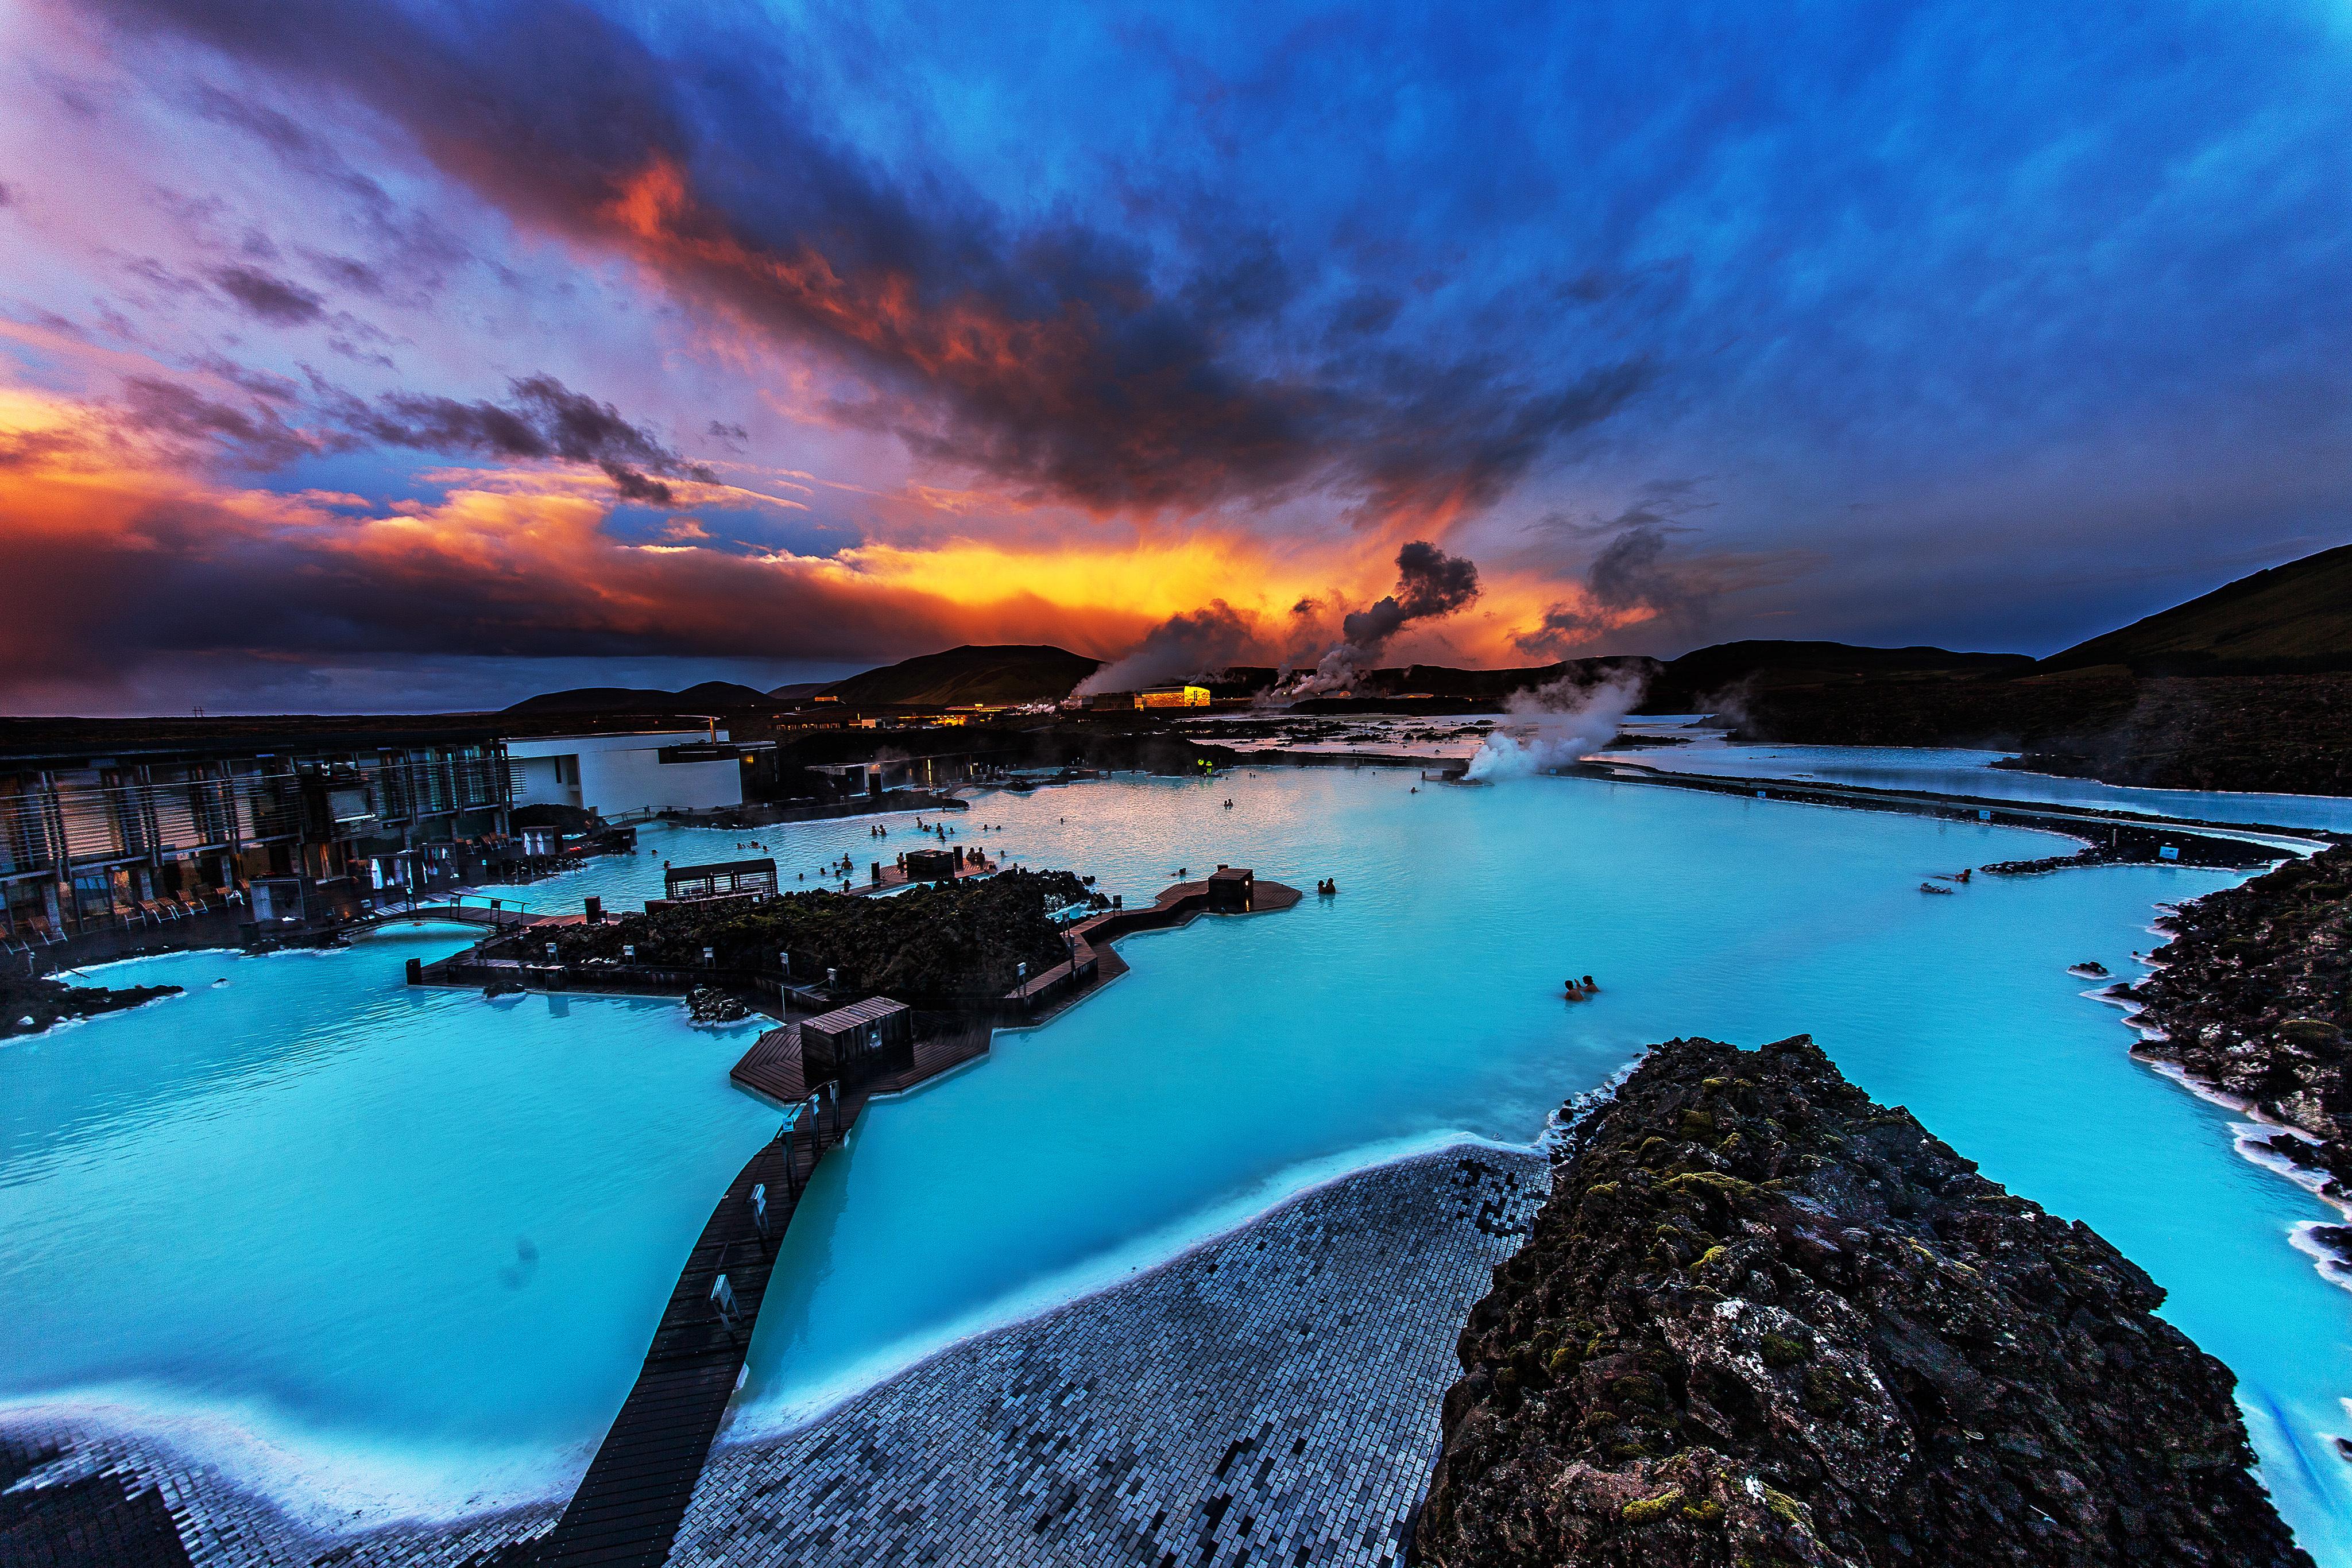 De geothermische spa Blue Lagoon doet zijn naam eer aan met zijn prachtige azuurblauwe water.